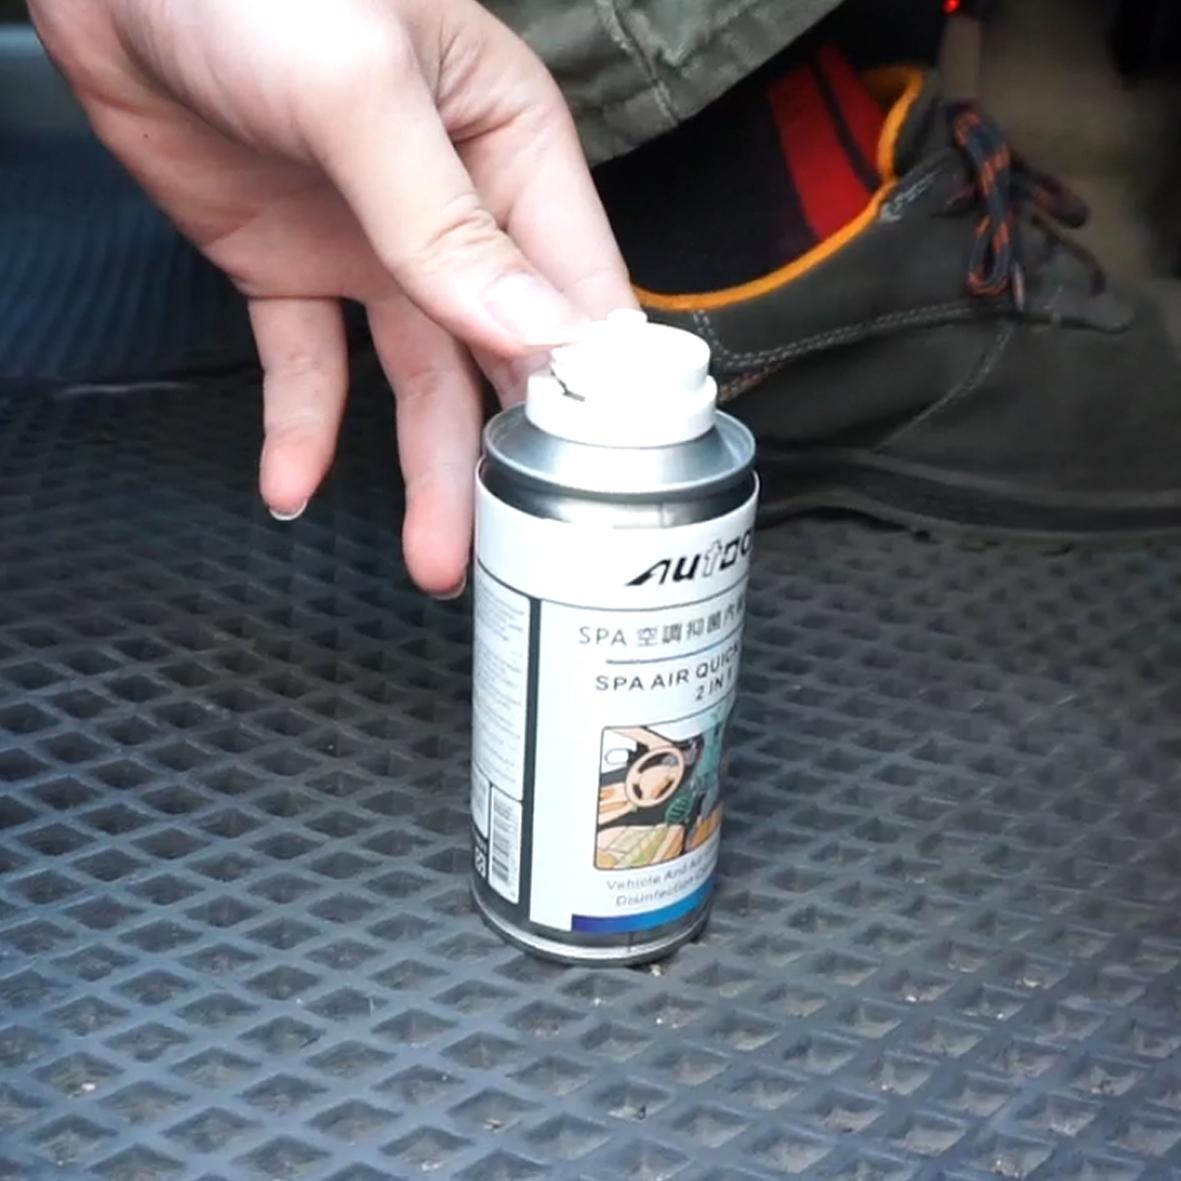 SPA 空調抑菌內裝除味噴劑 2